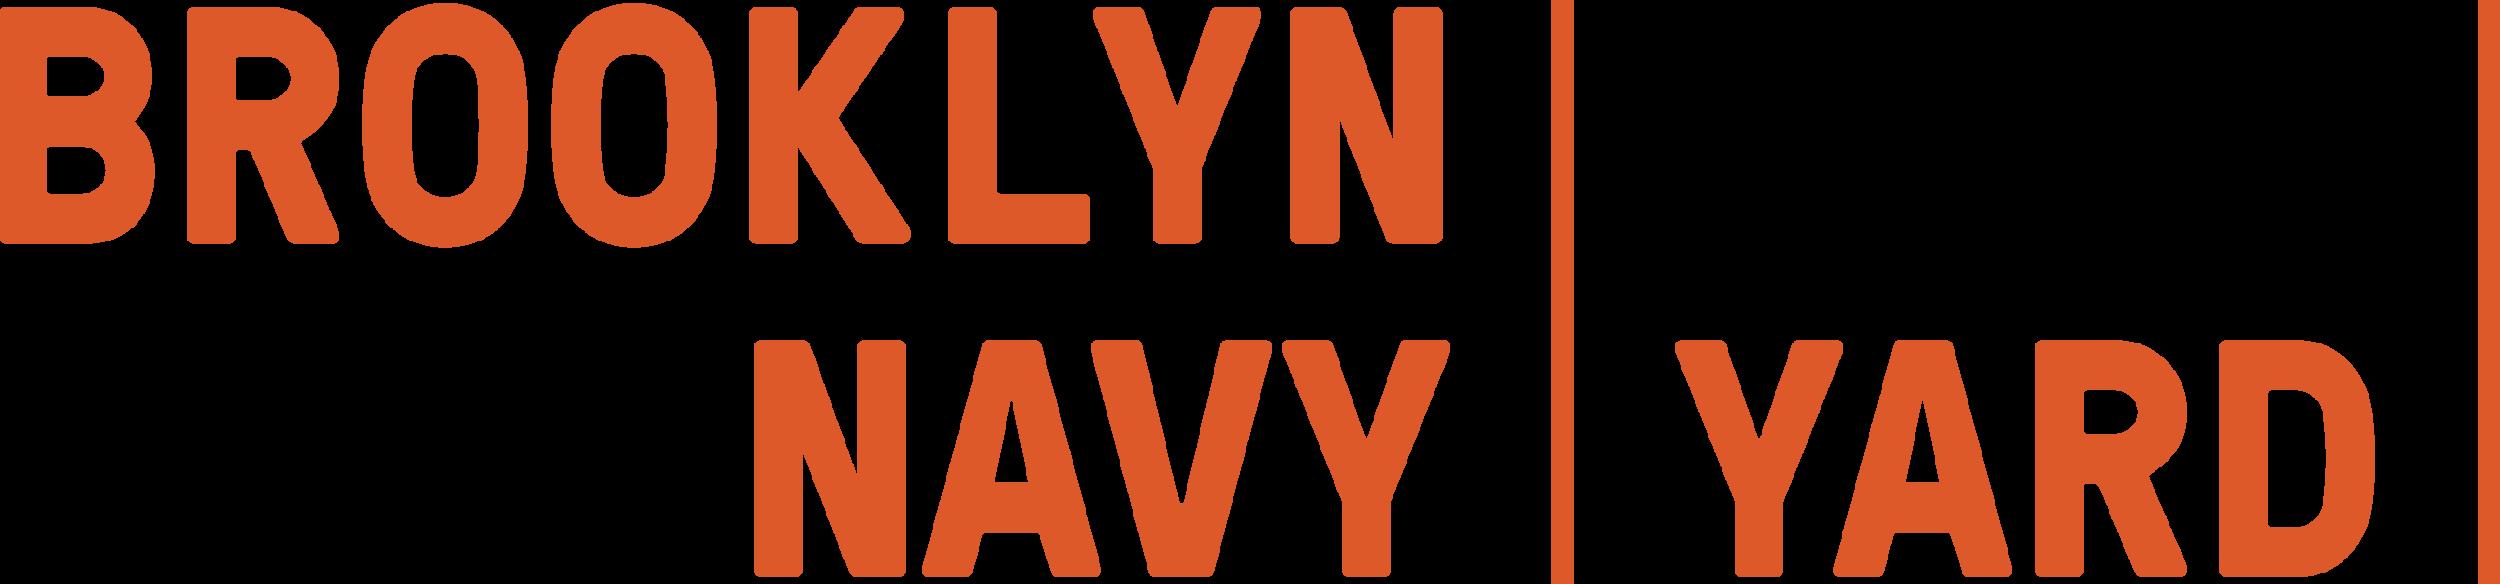 bny-logo-full White background_0.png